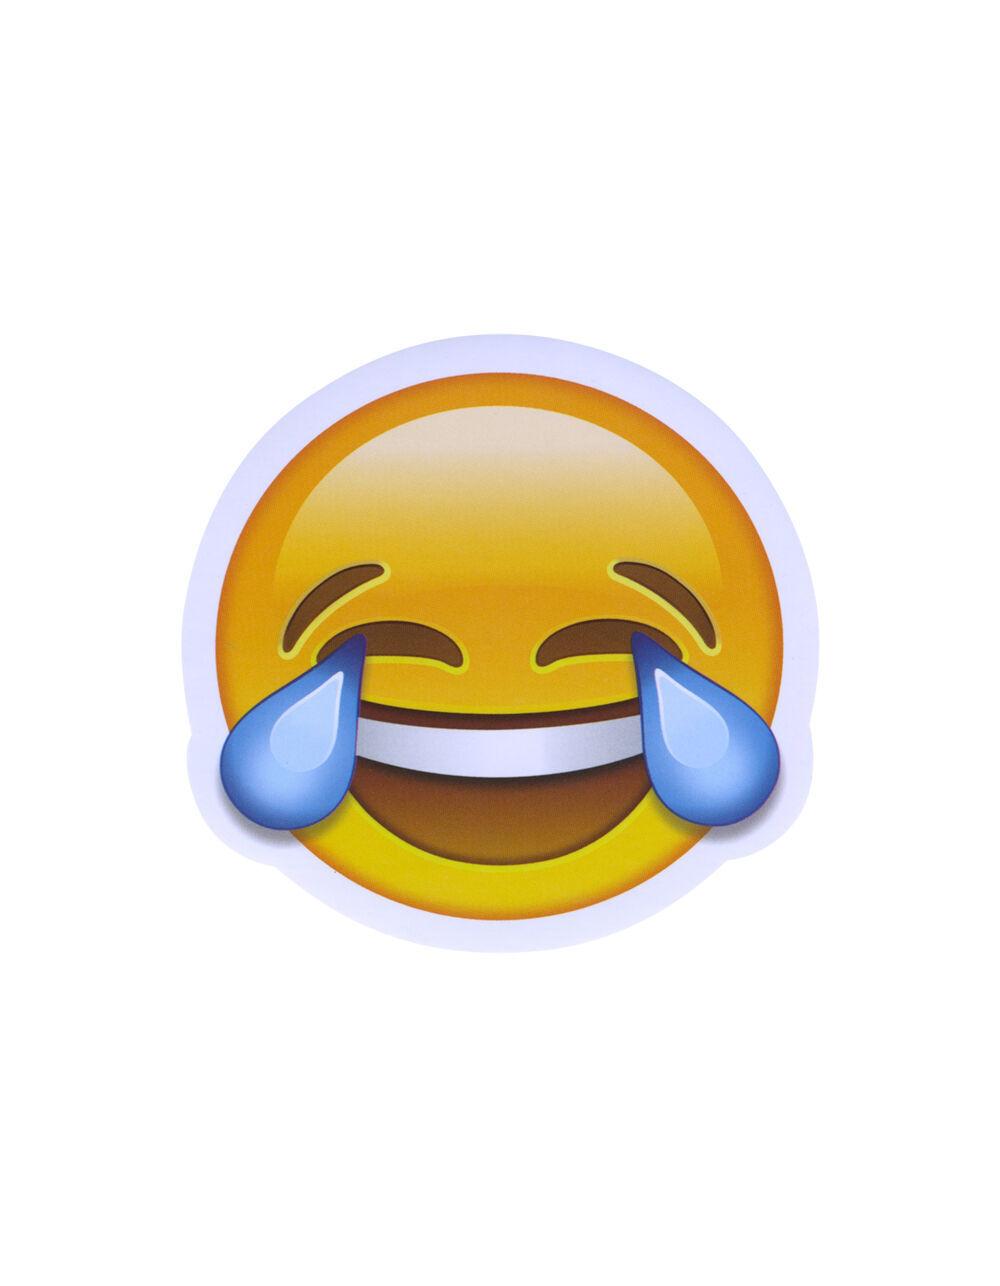 Laughing Hard Emoji Code